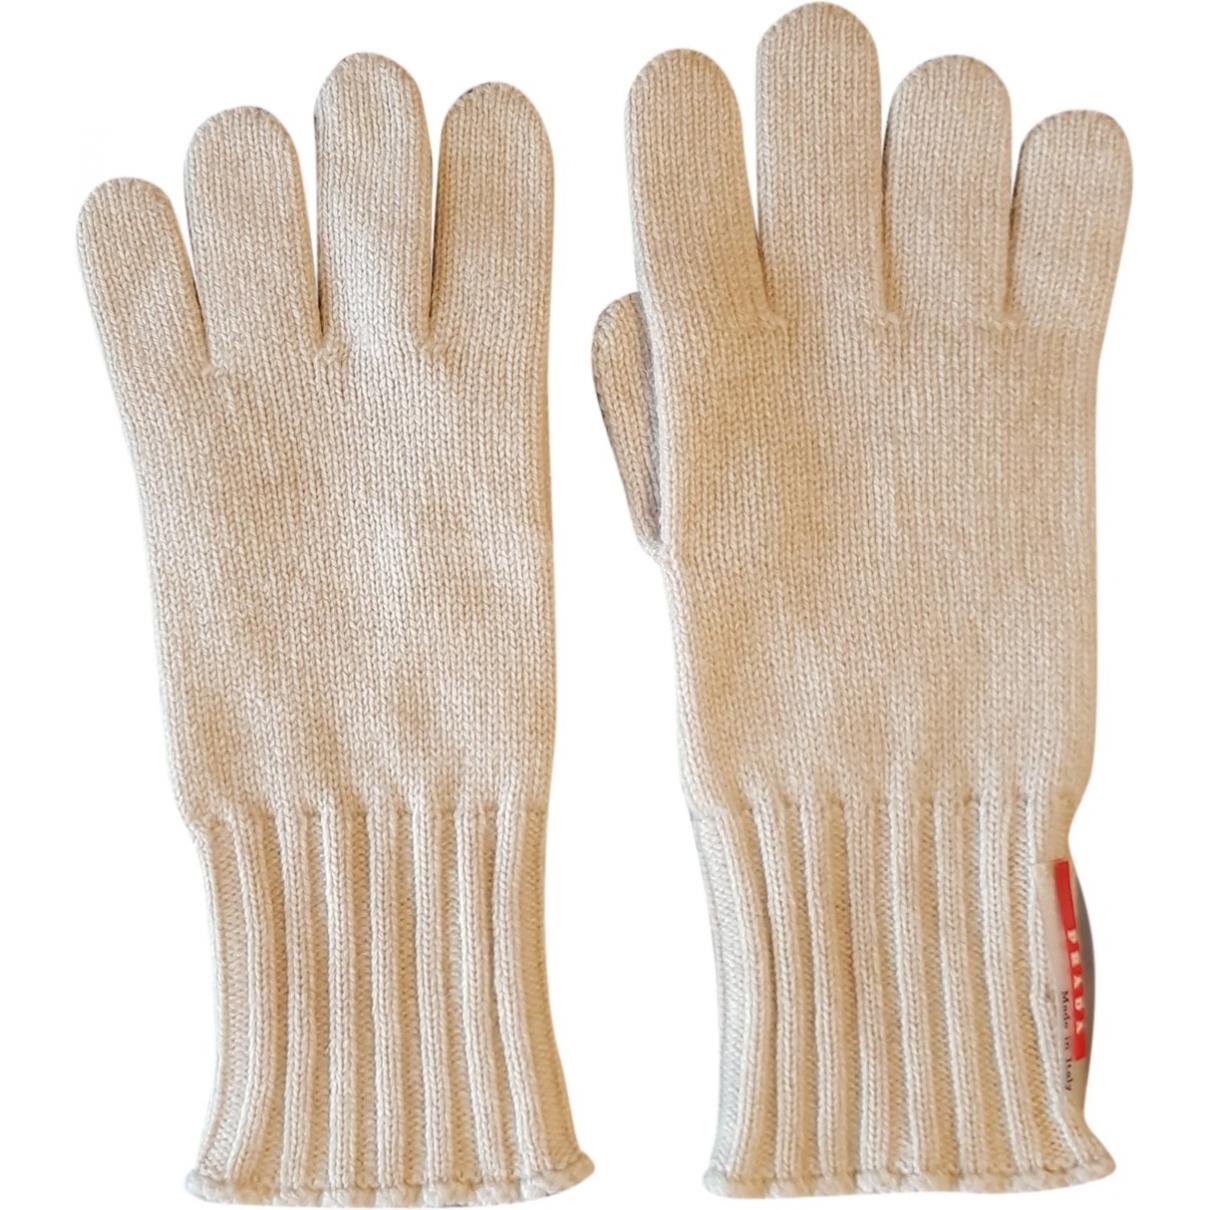 Prada \N Beige Cashmere Gloves for Women M International